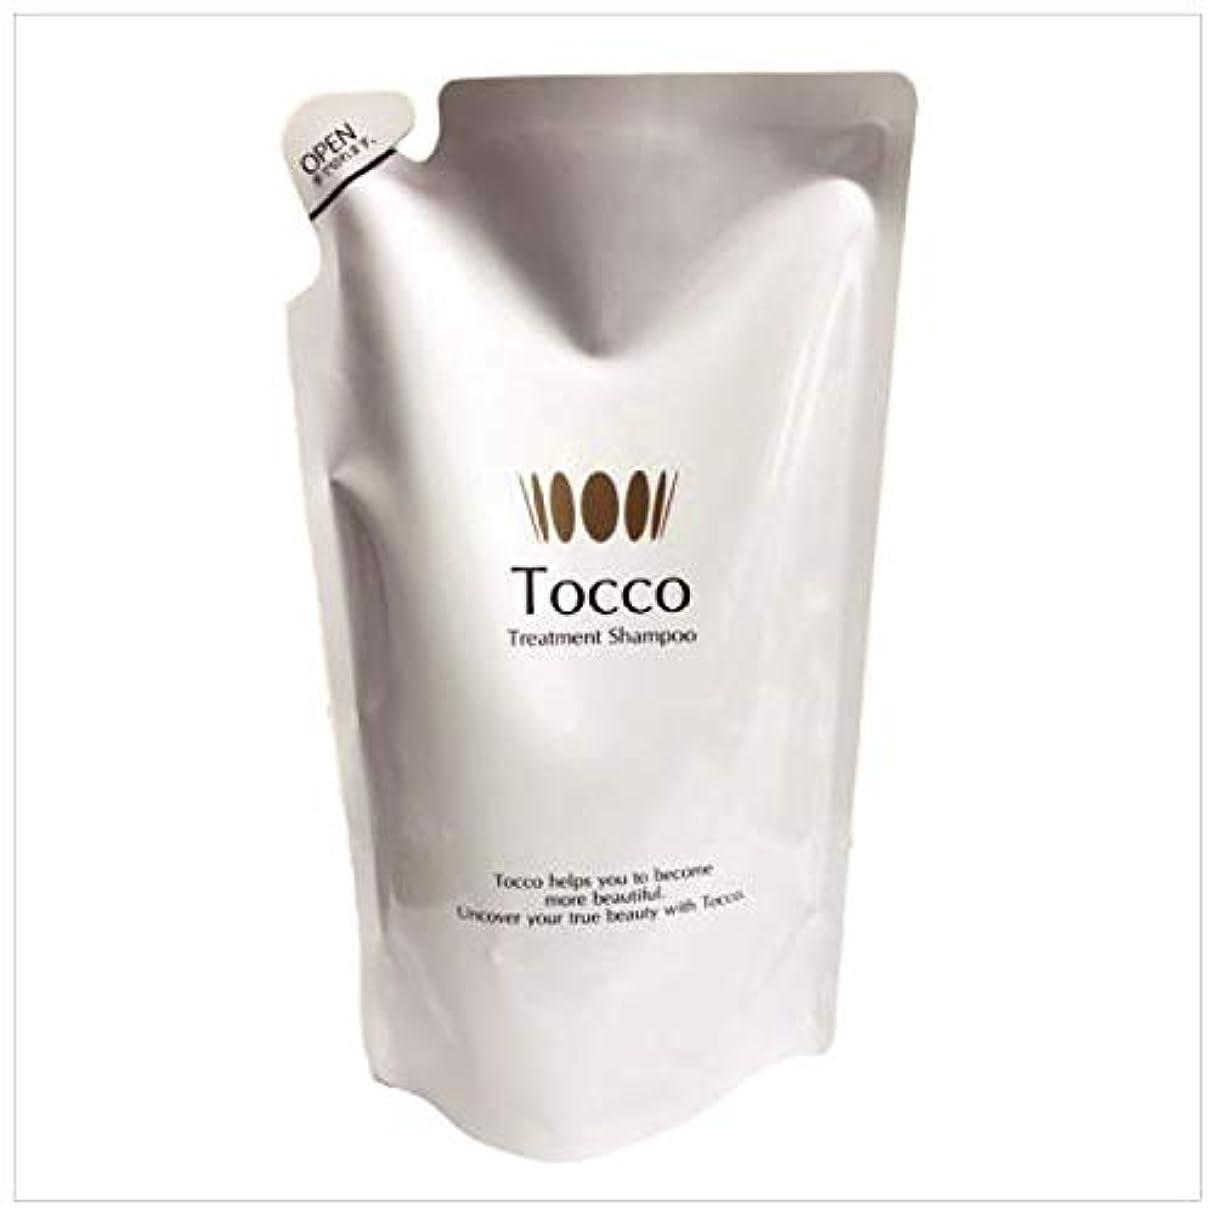 究極の分類趣味Tocco トリートメントシャンプー 詰め替え用 330ml